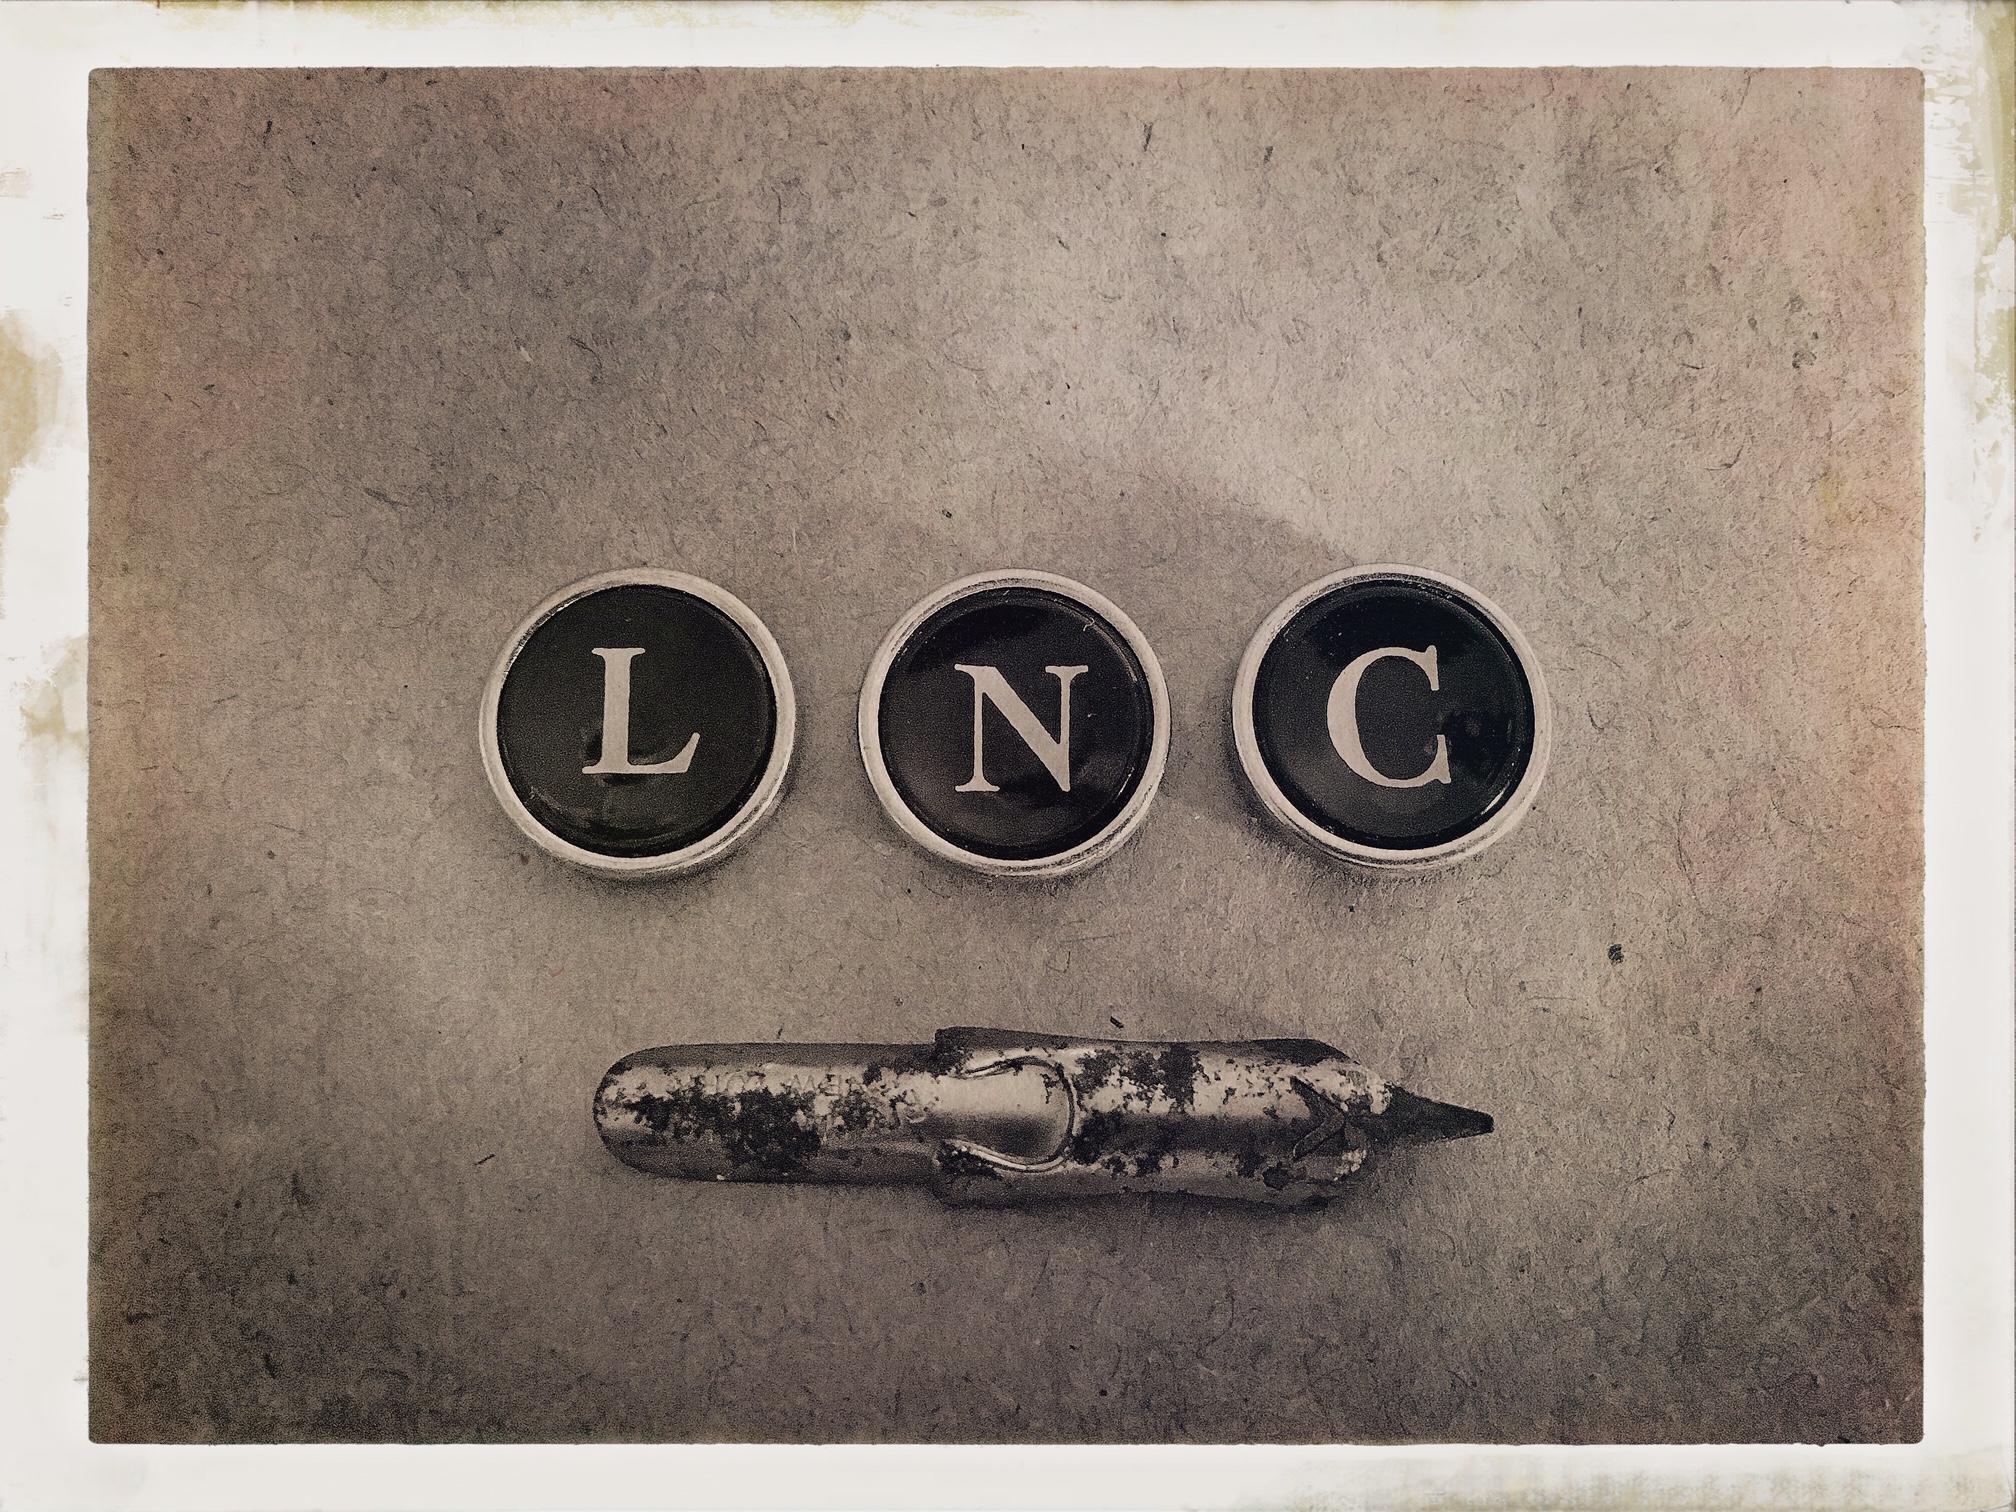 lnc logo.jpeg